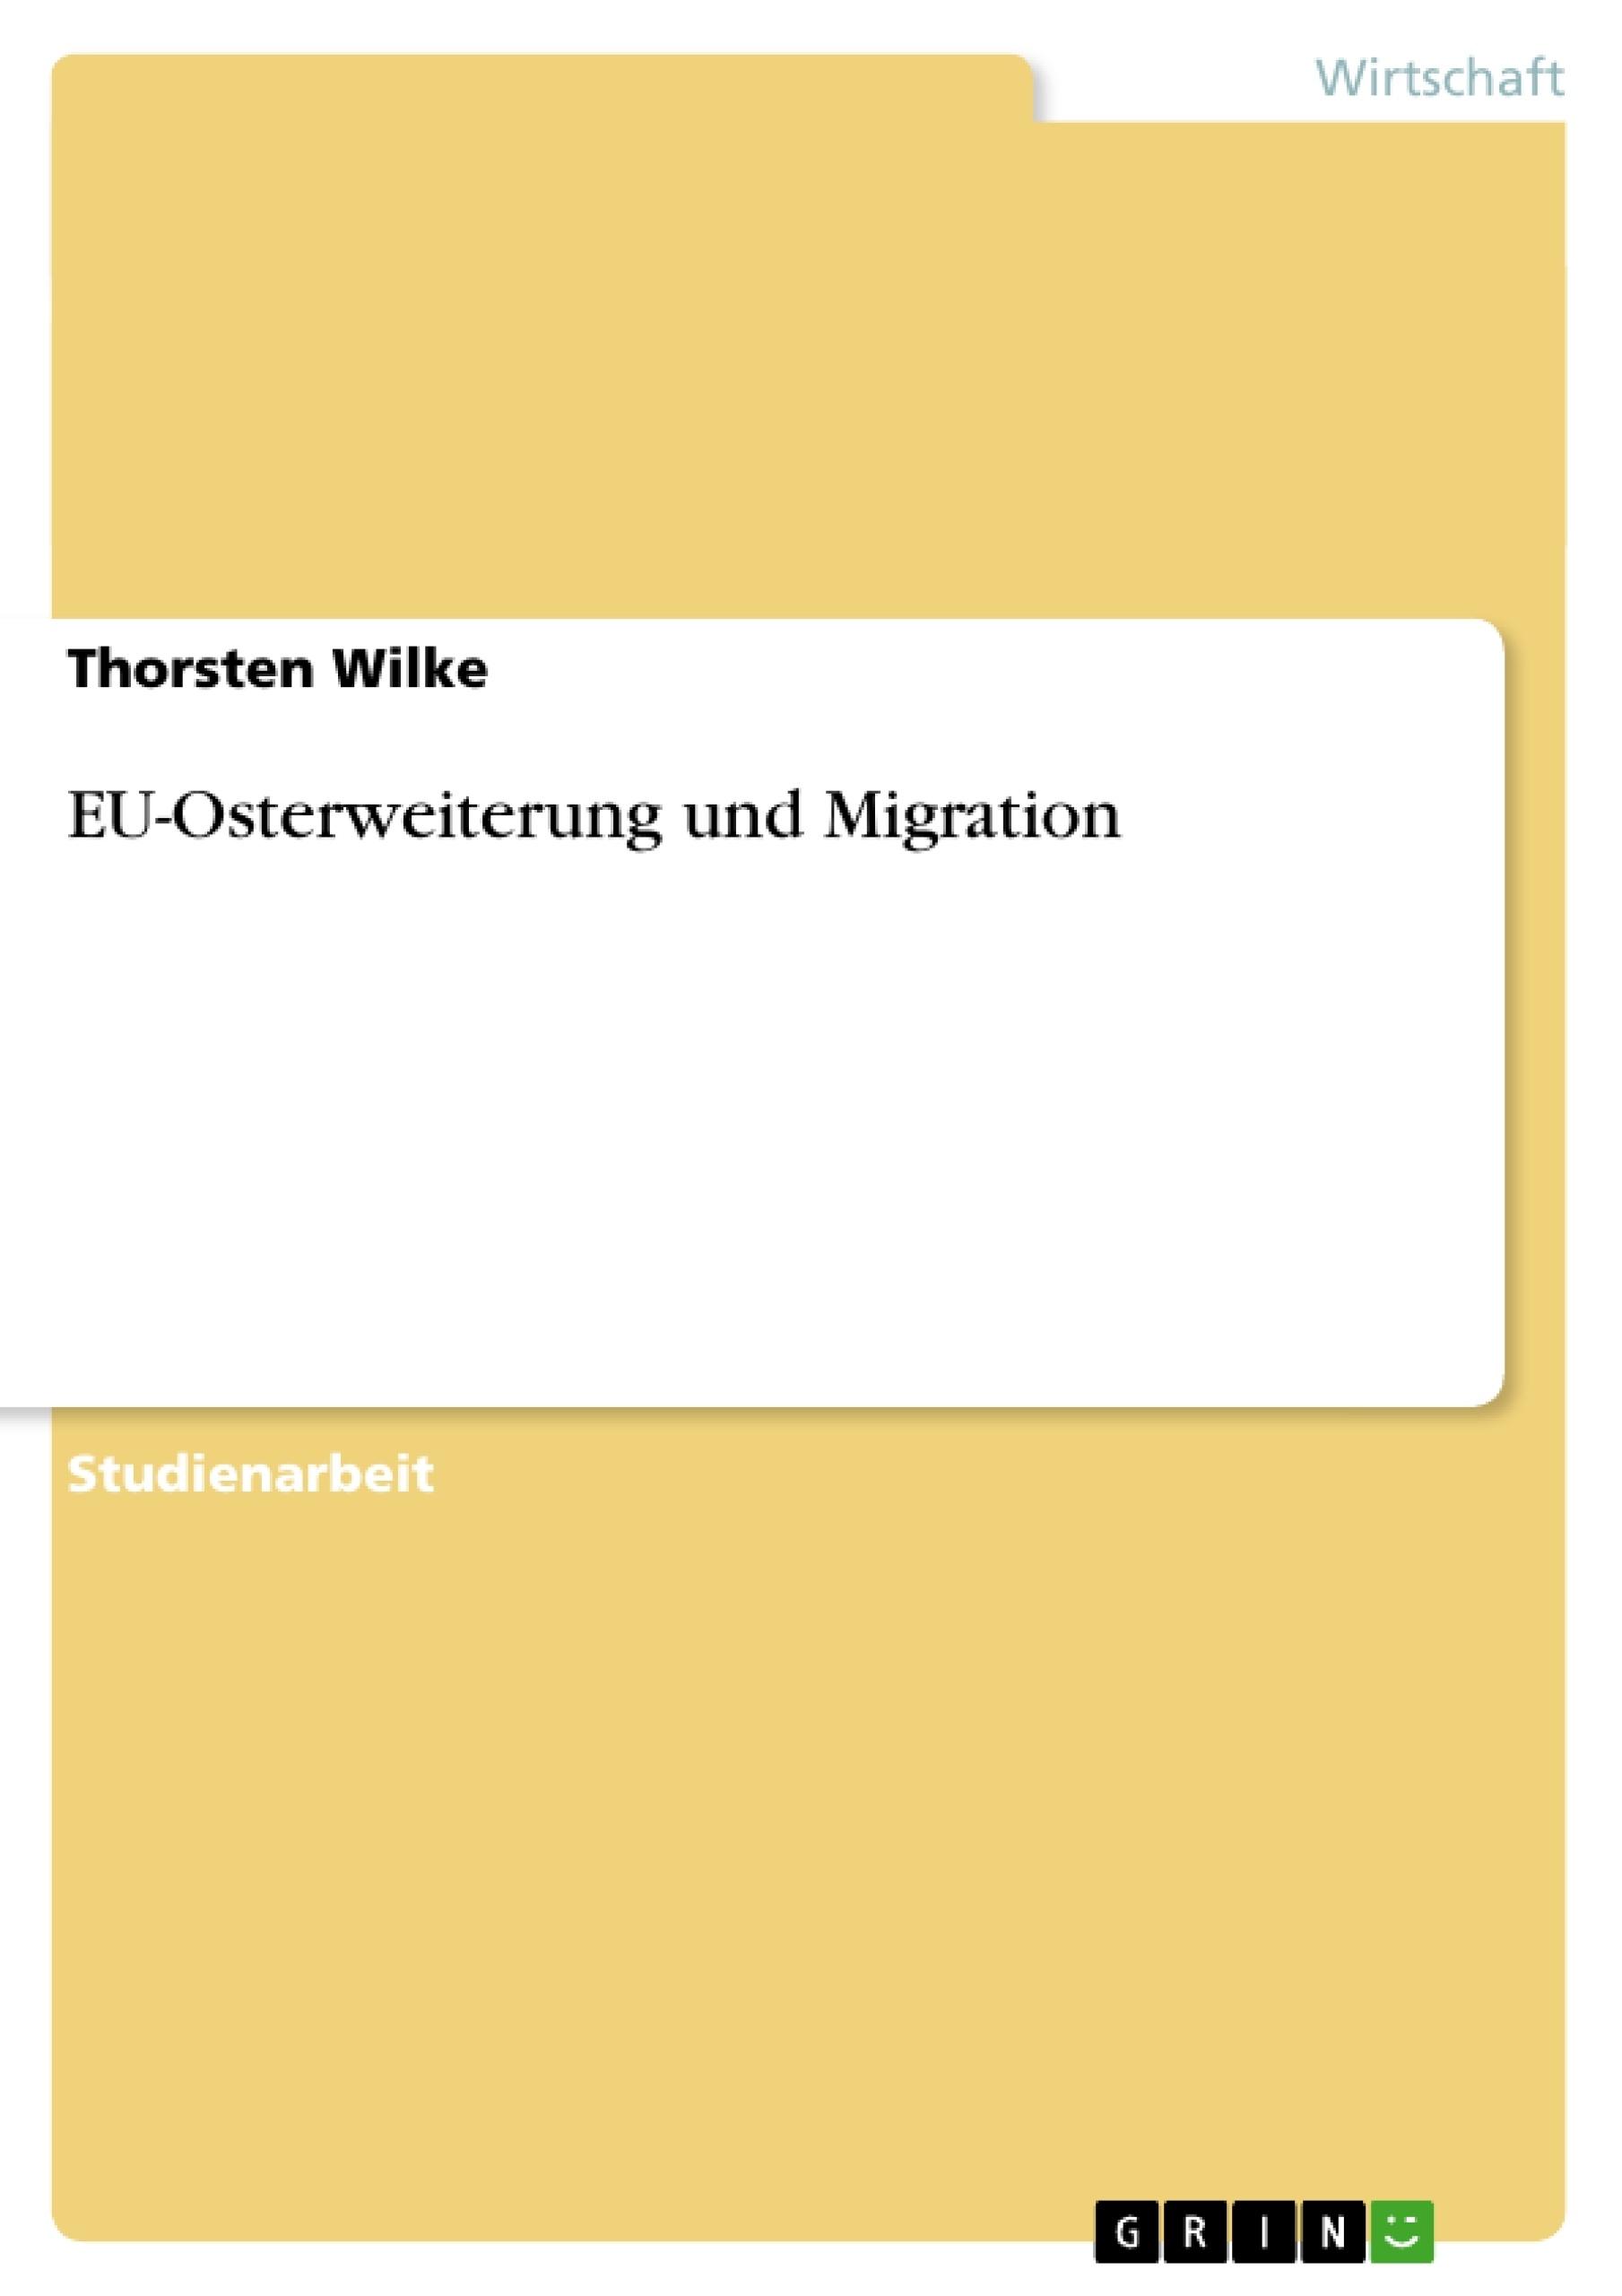 Titel: EU-Osterweiterung und Migration